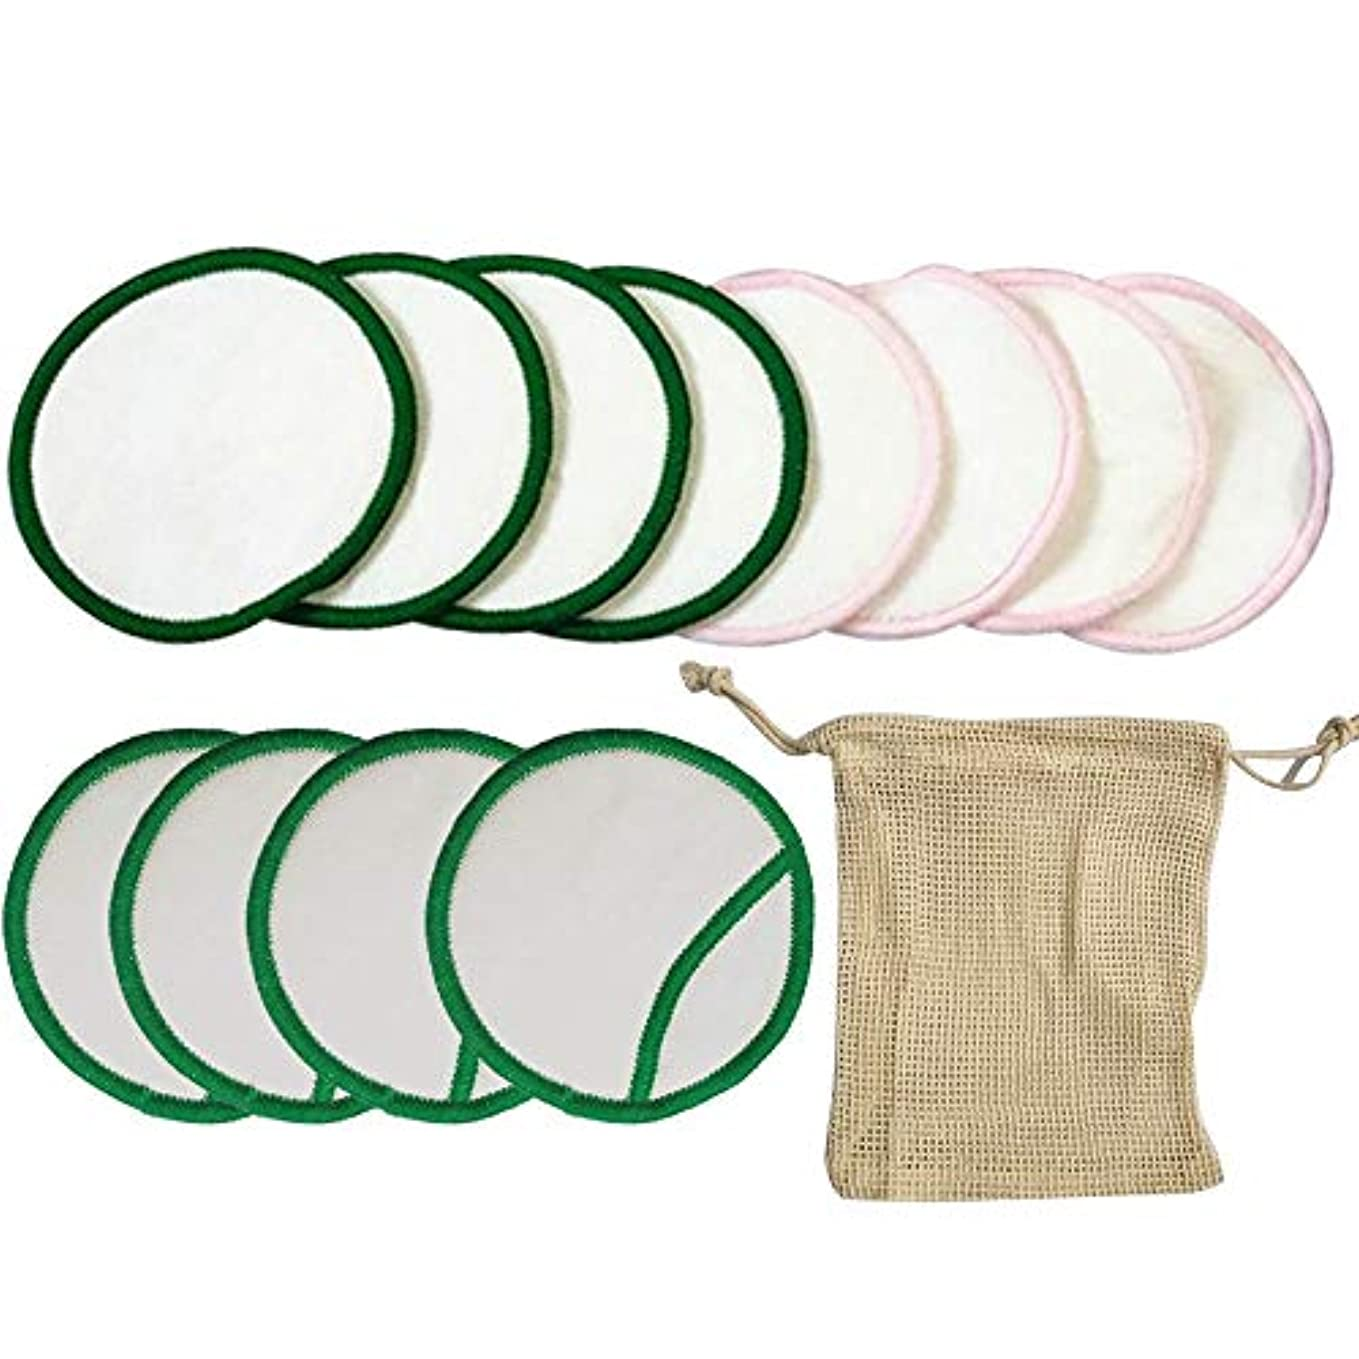 融合ルーキーレーザ12pcsメイクアップリムーバーパッド再利用可能な洗濯可能な3層竹フェイシャルクレンジングコットンワイプスキンケア用品用収納バッグ付き